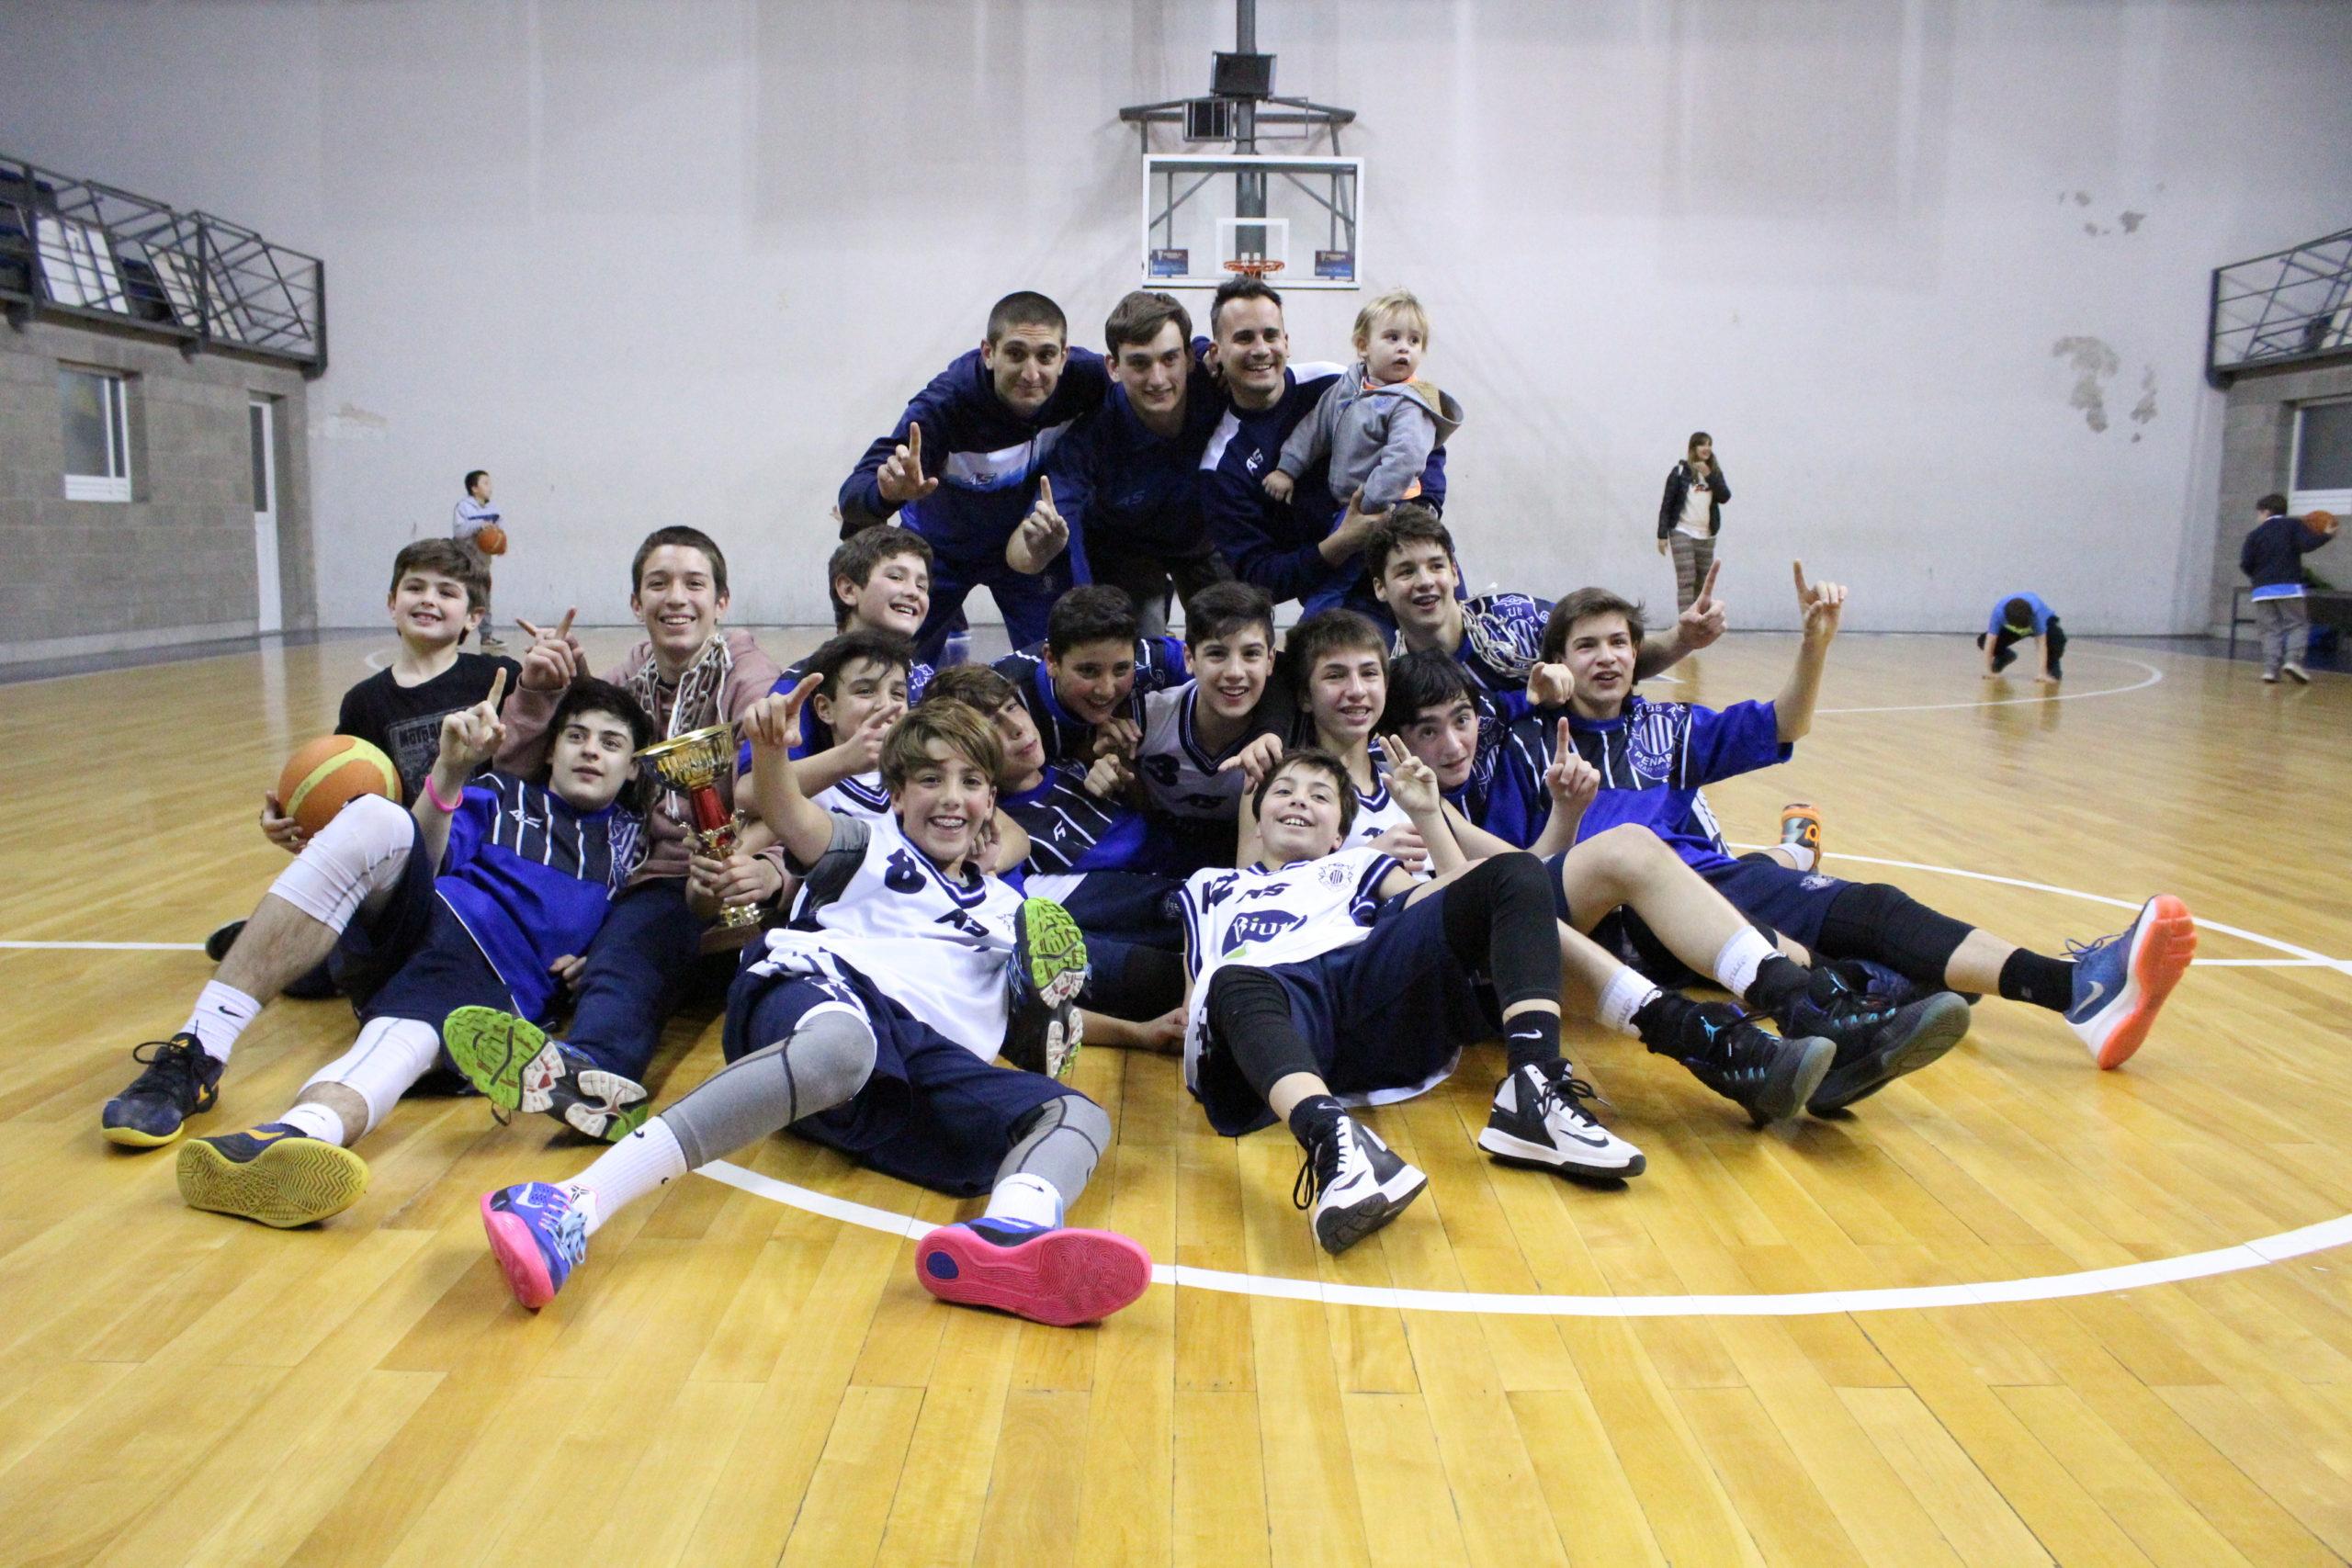 Los chicos del U13 de Peñarol festejando el pasaje al Provincial. (Foto: Prensa Peñarol)